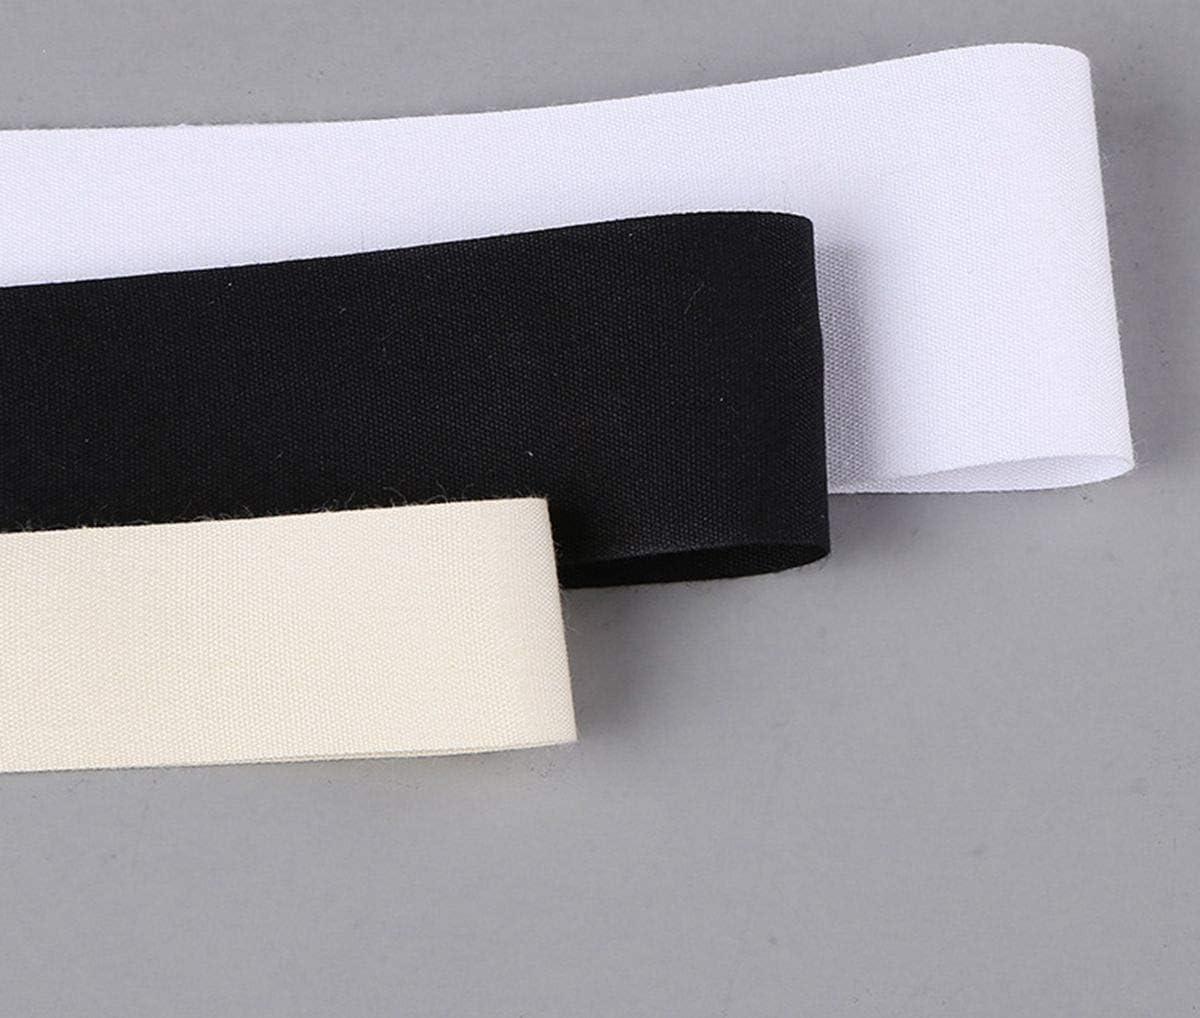 15 mm Nastro in cotone spigato Nastri Fettucce Strisce di Tessuto nastro di cotone fettuccia Tyagi Craft